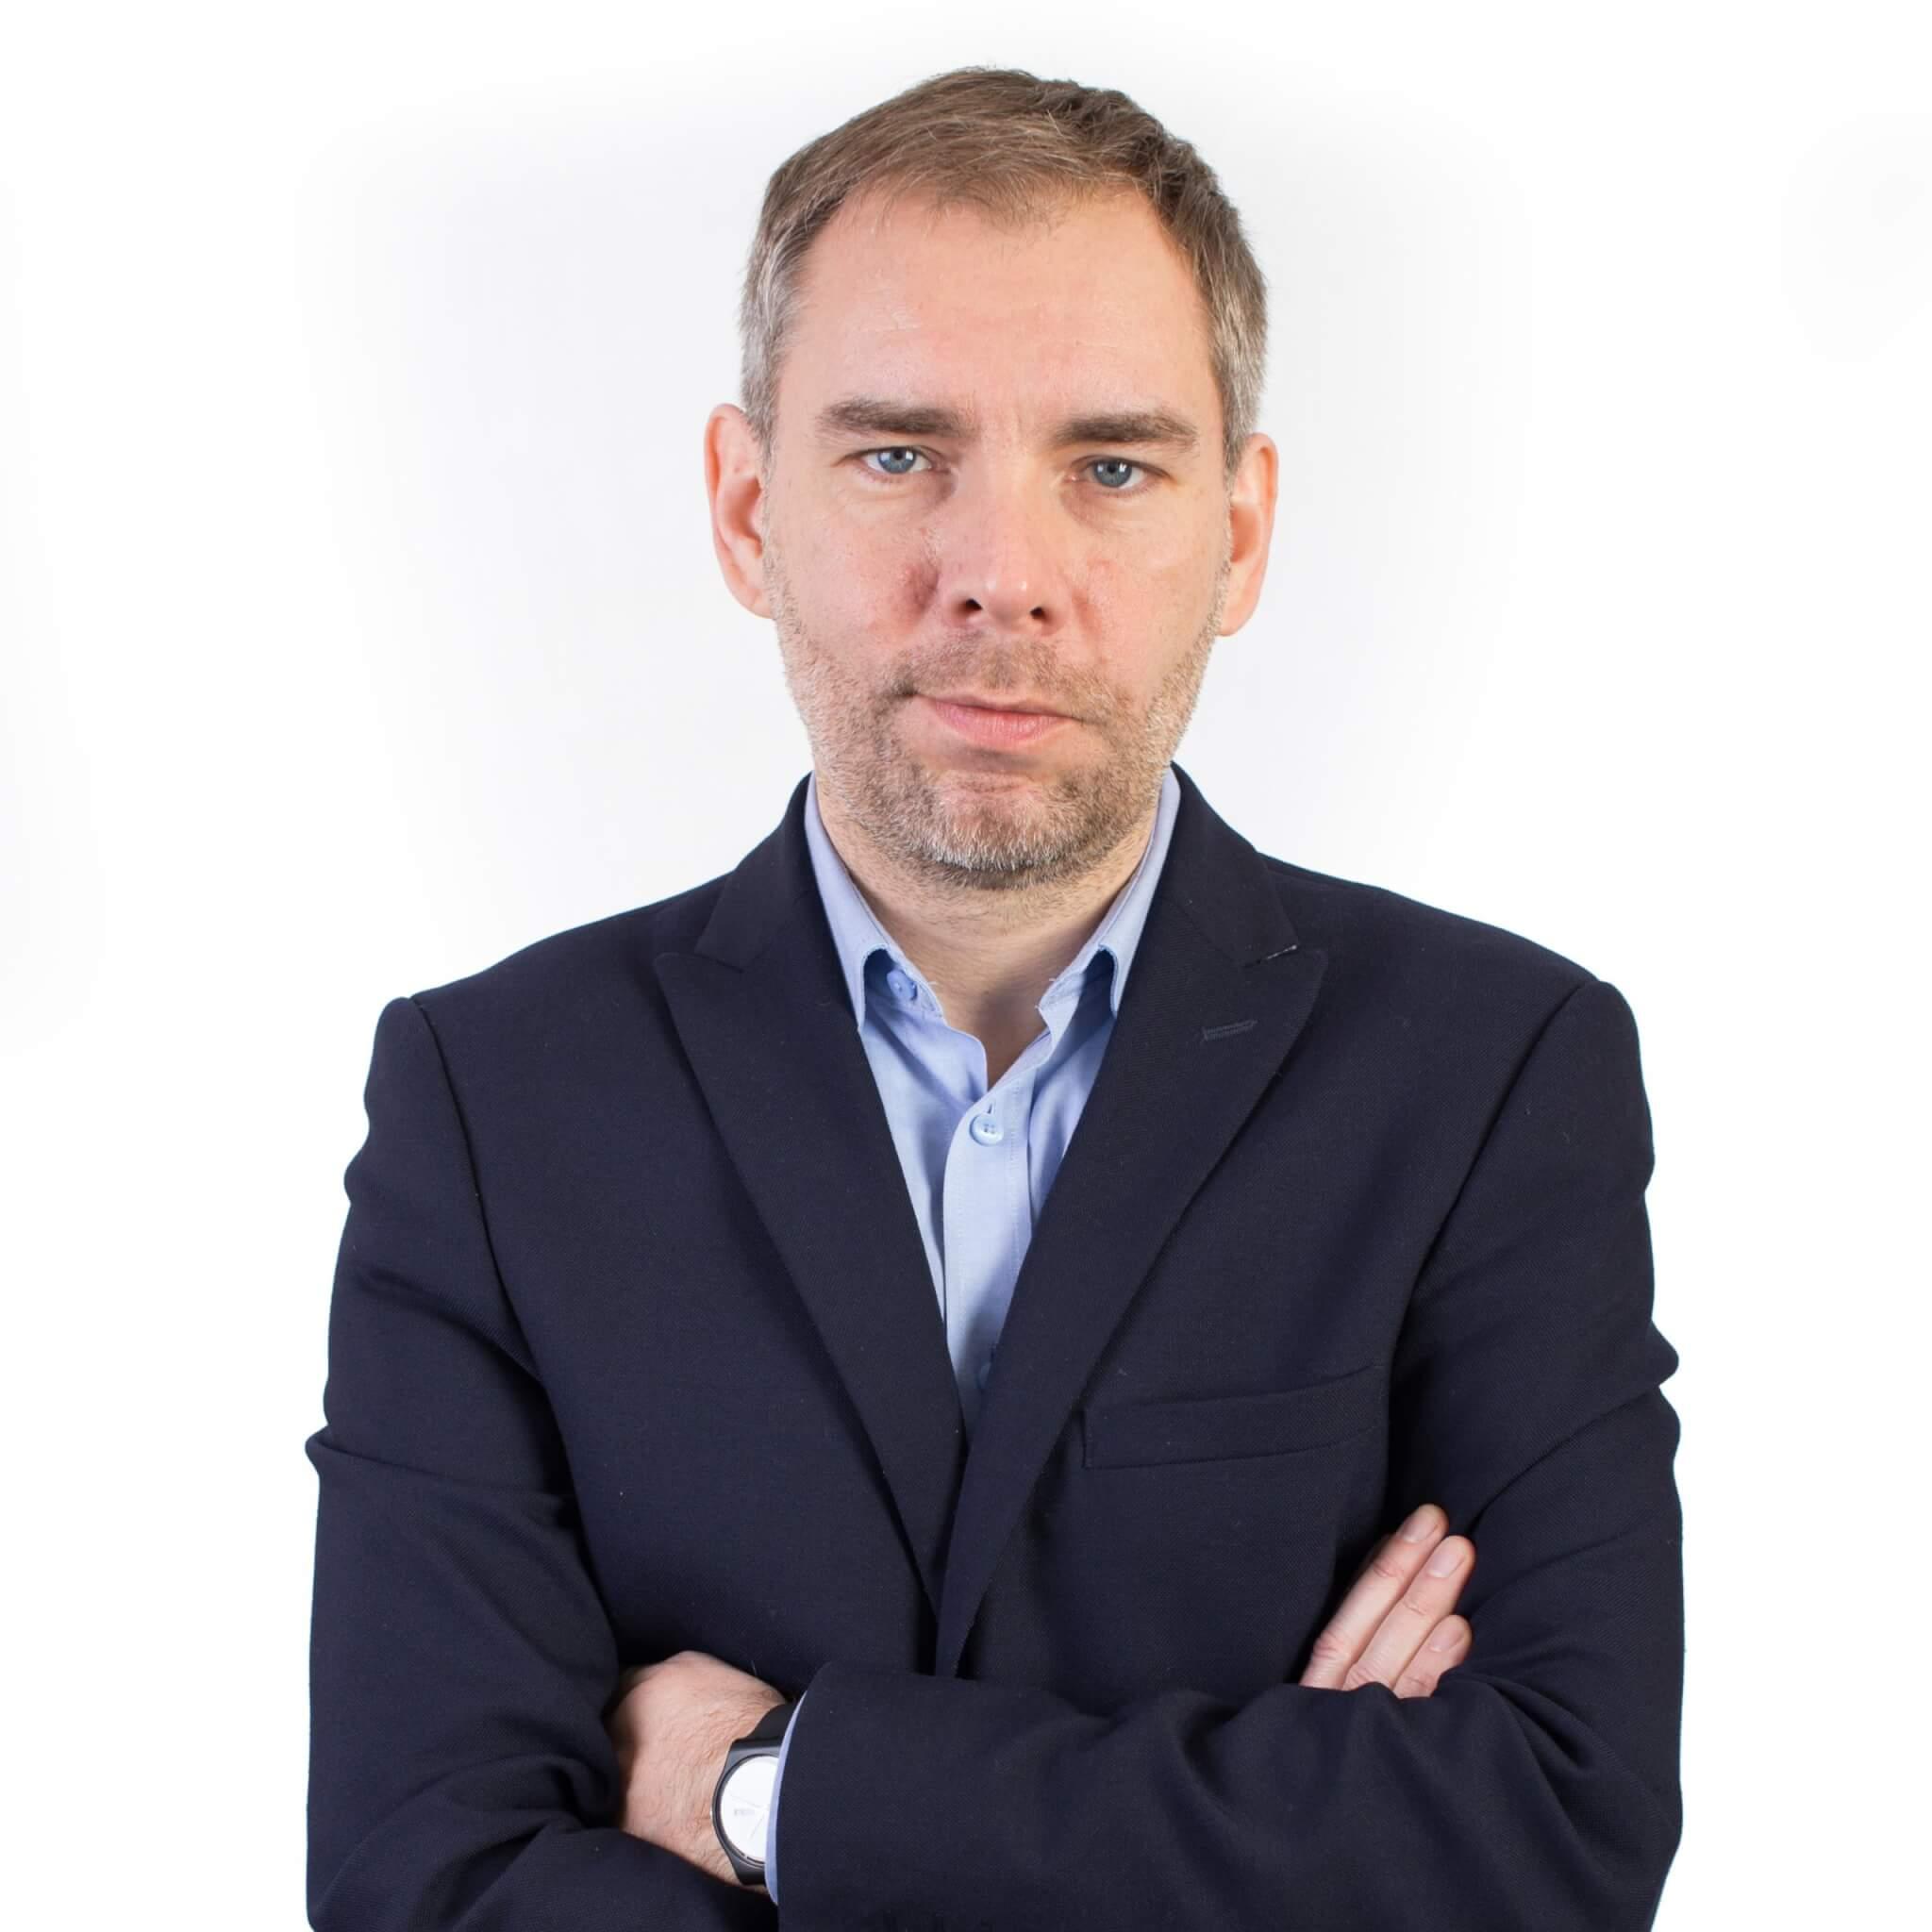 Pracownik Instytutu Gospodarki Międzynarodowej UEP, członek zarządu Wielkopolskiej Organizacji Turystycznej. Zajmuje się organizacją i zarządzaniem turystyką w miastach i regionach oraz współpracą sieciową w turystyce.